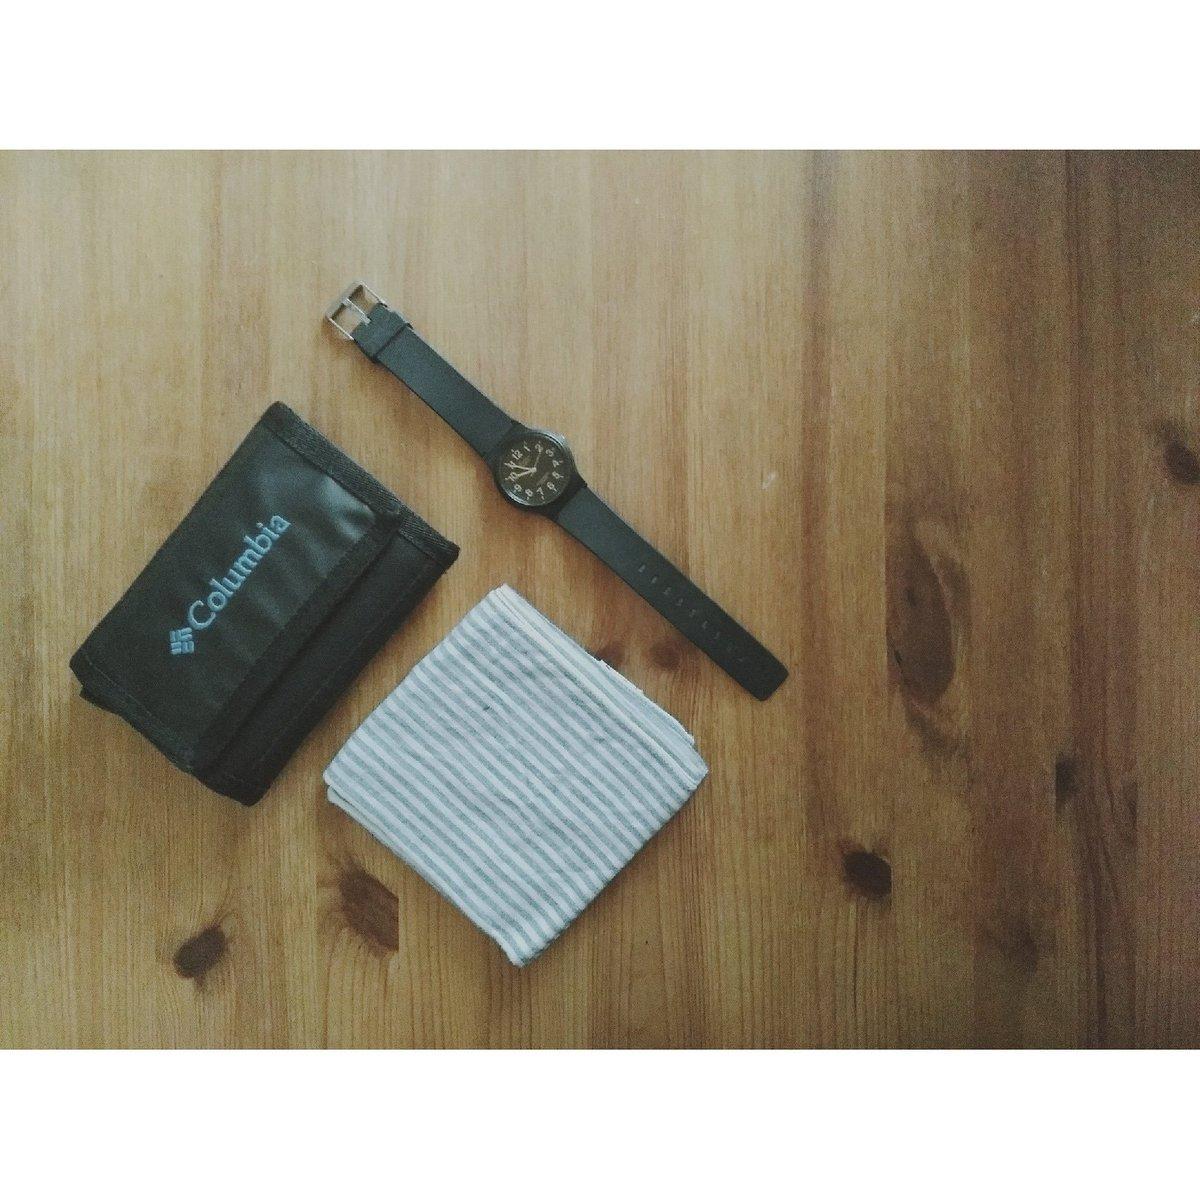 9b94491ad4 仕事ではスマホも財布も持ち歩くため、軽くてコンパクトなアウトドア用品のウォレットにしたら…使いやすすぎて、長財布に二度と戻れない…(「二度と戻れない」と  ...